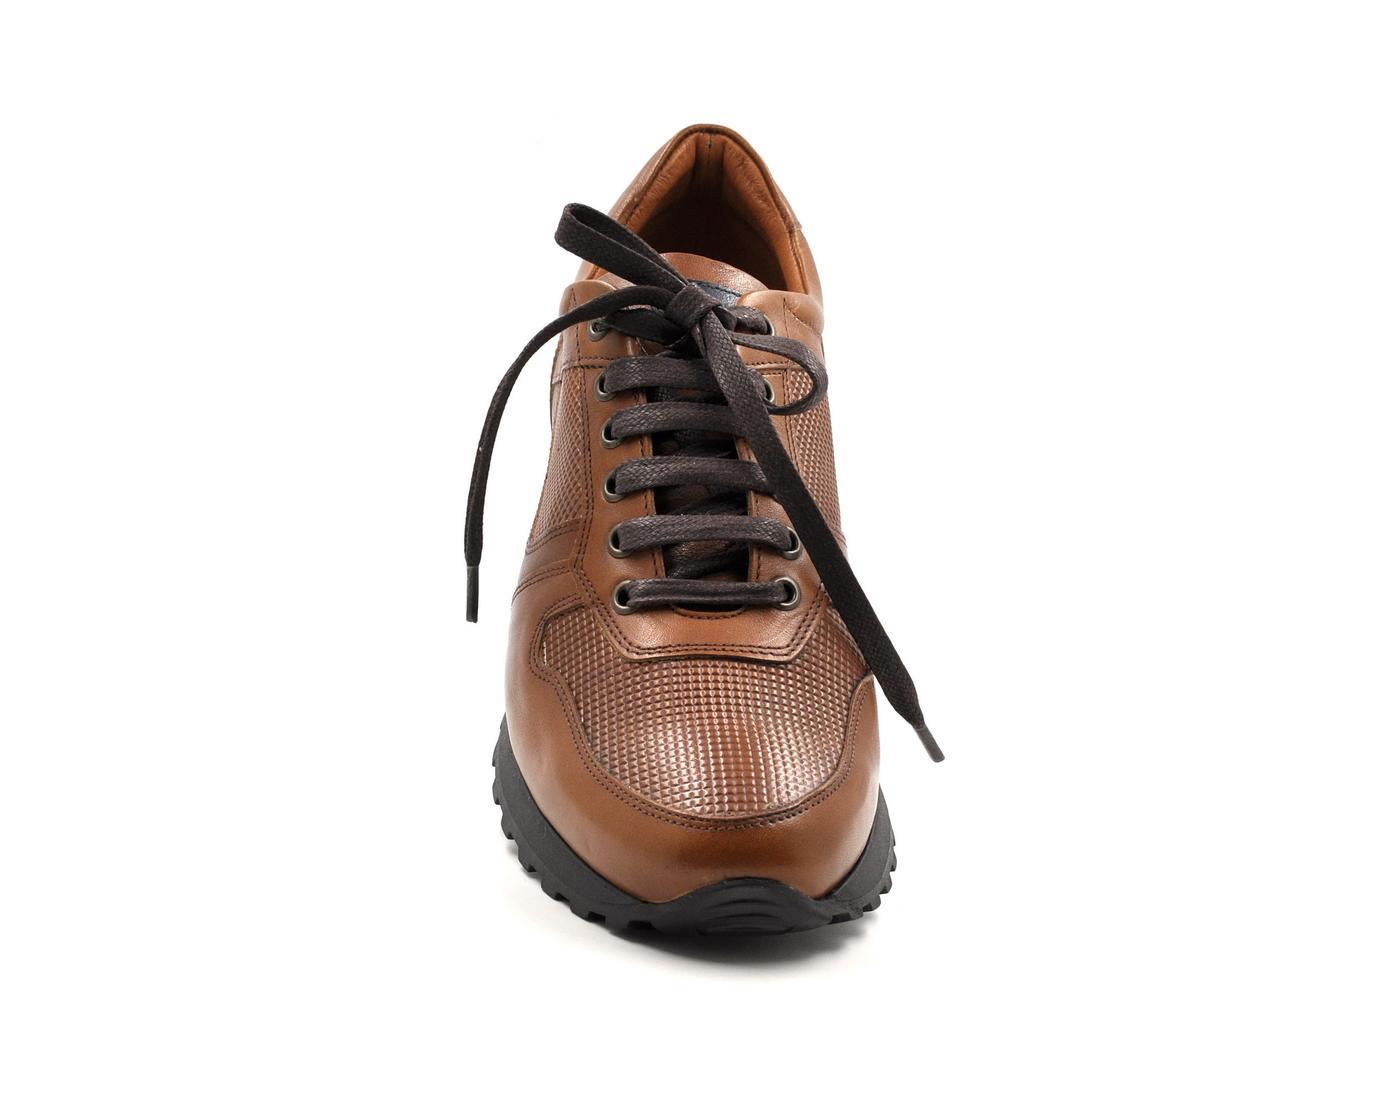 Ανδρικό δερμάτινο δετό ταμπά 480 - tatogloushoes.gr f1851f335d7